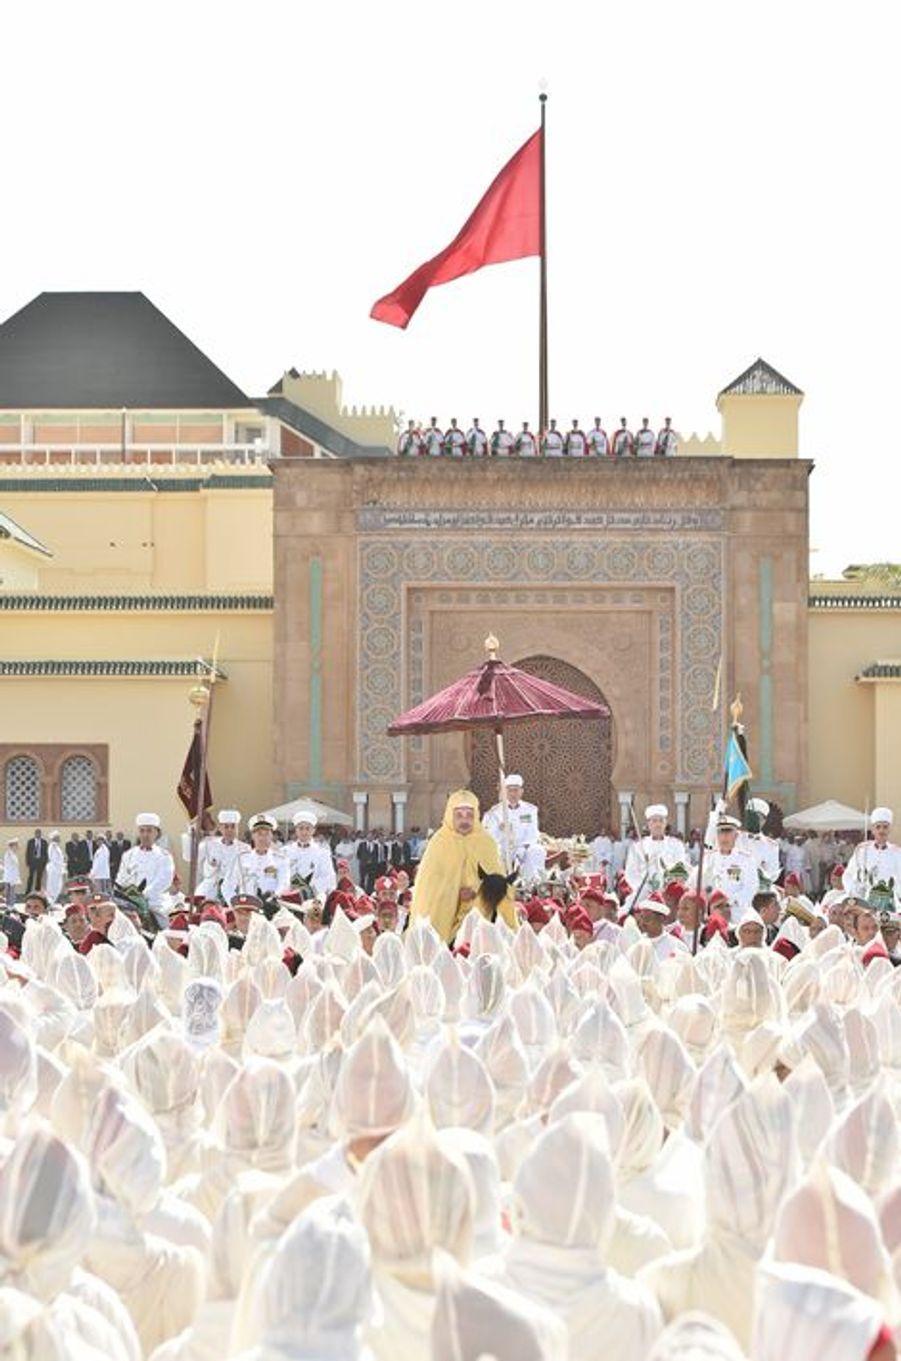 Le roi Mohammed VI du Maroc à Rabat, le 31 juillet 2015